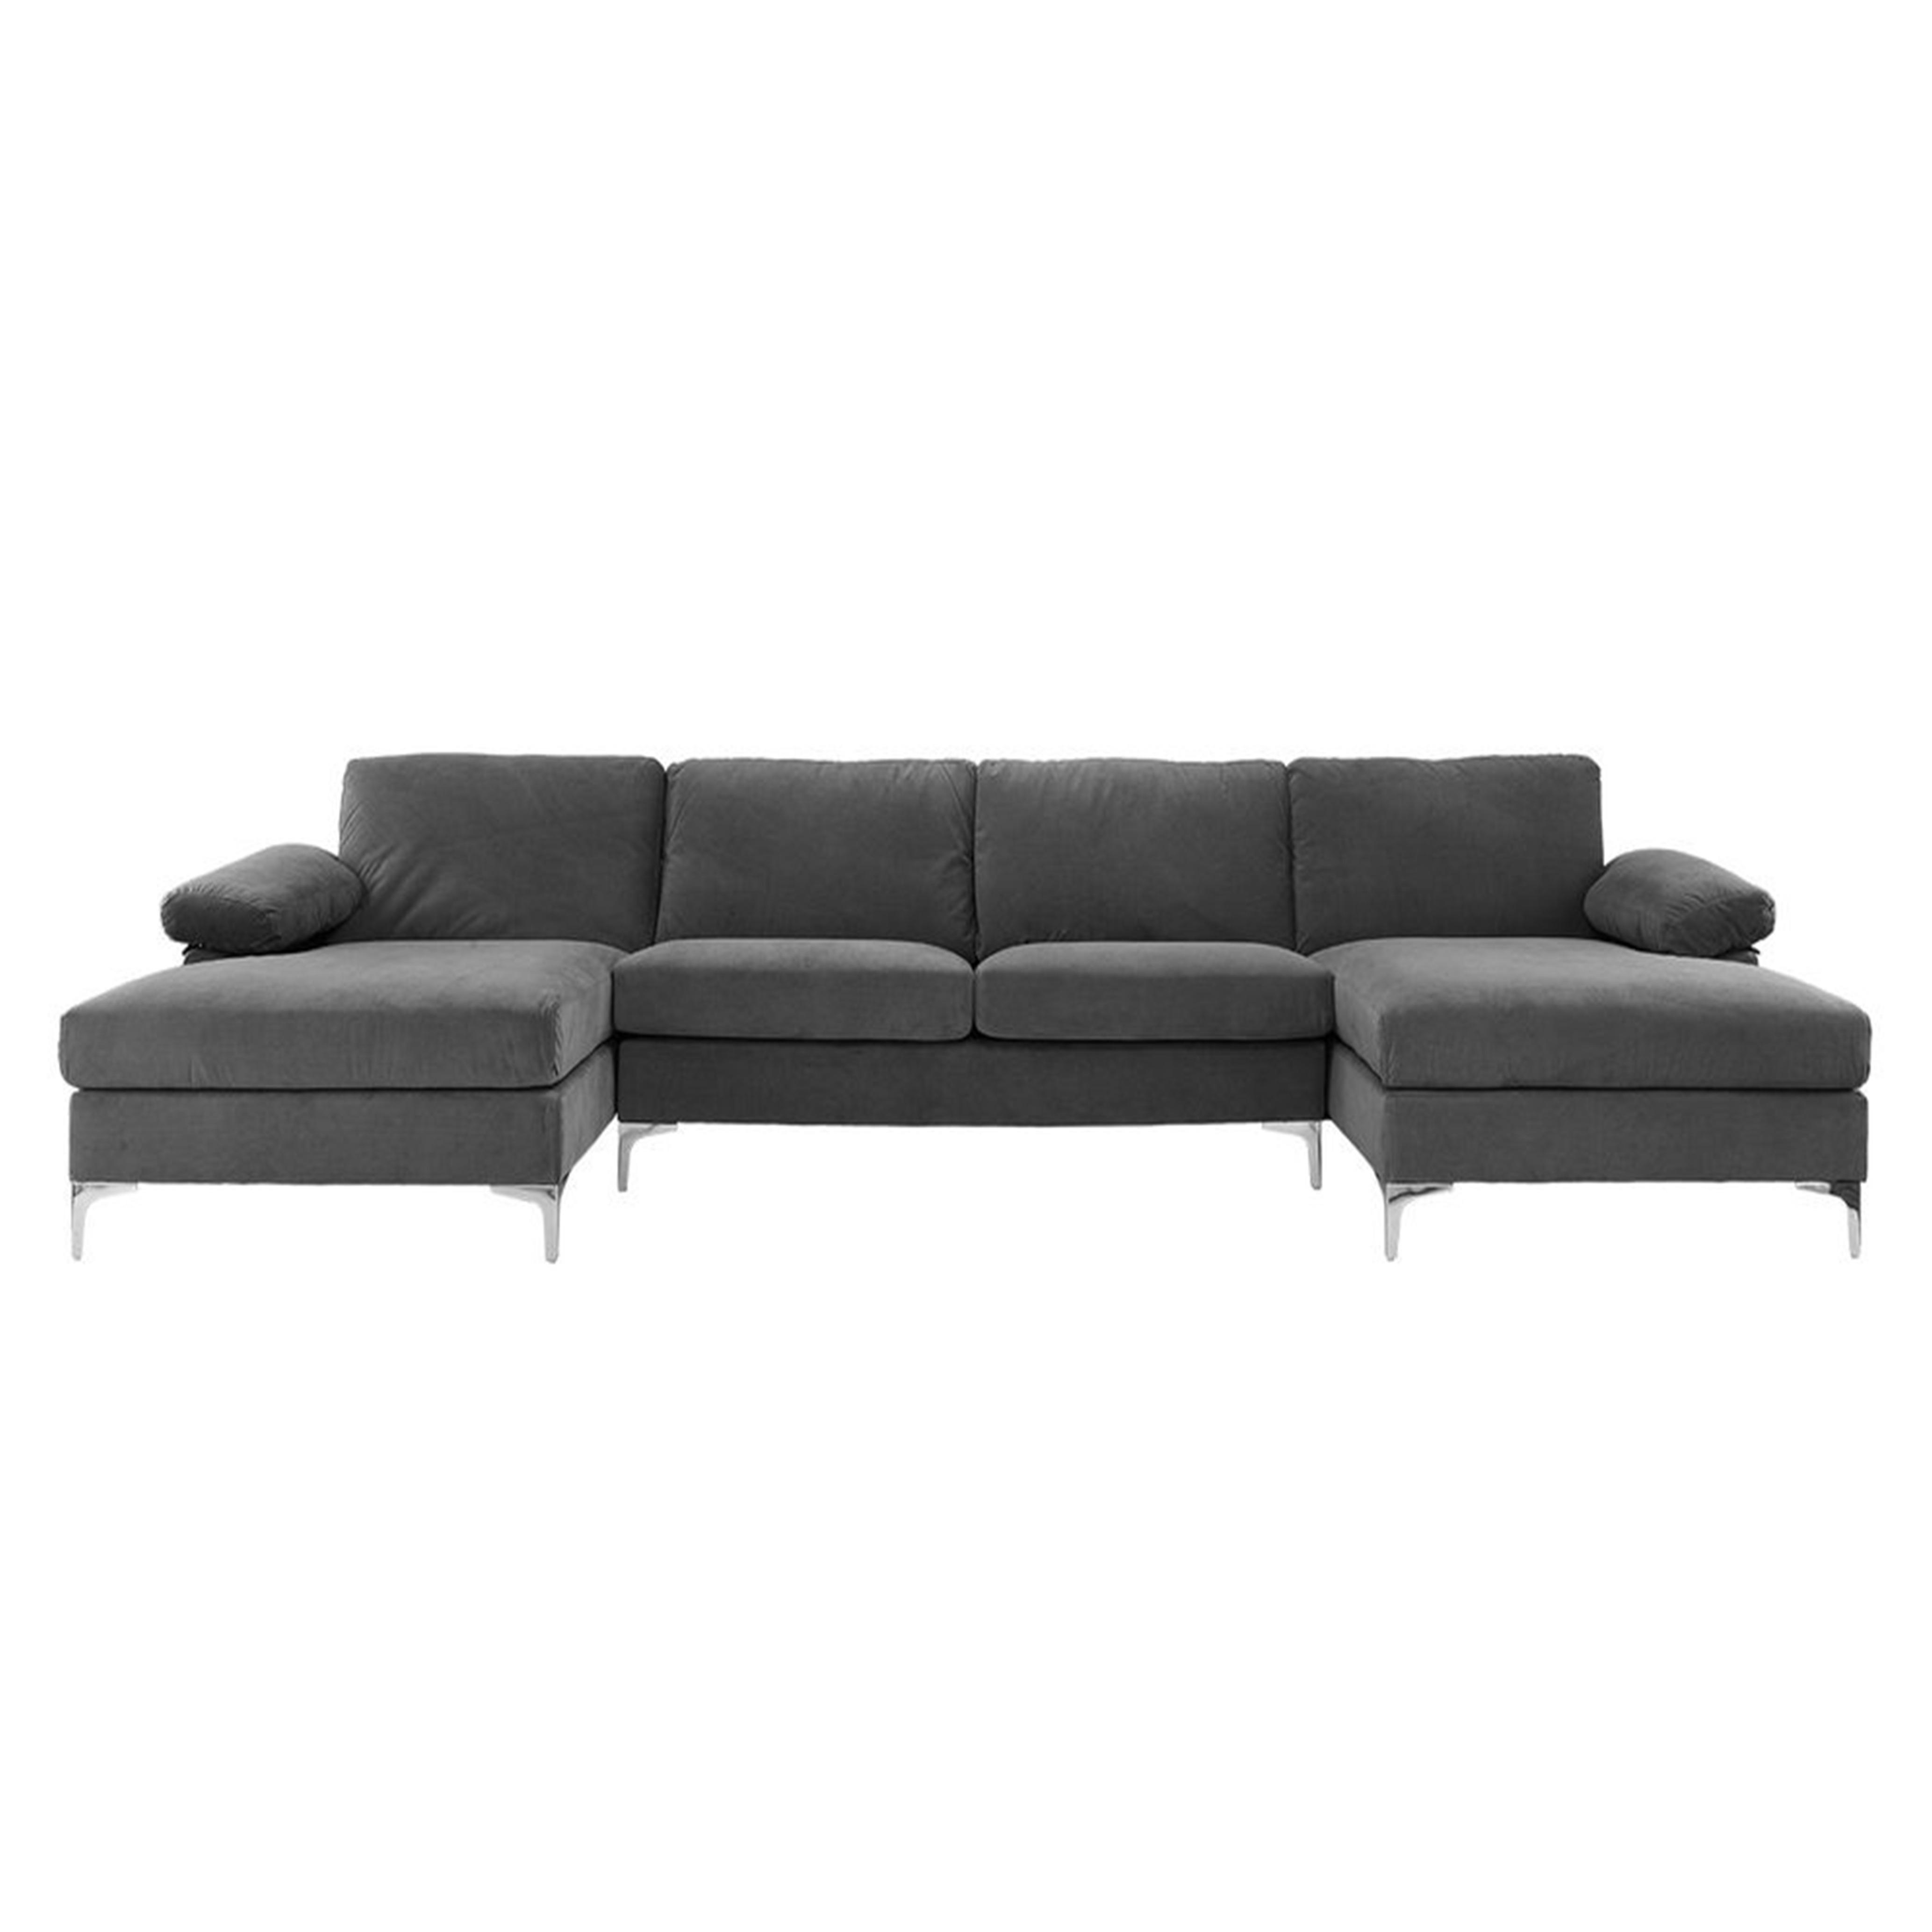 Canapé d'angle panoramique 7 places velours gris